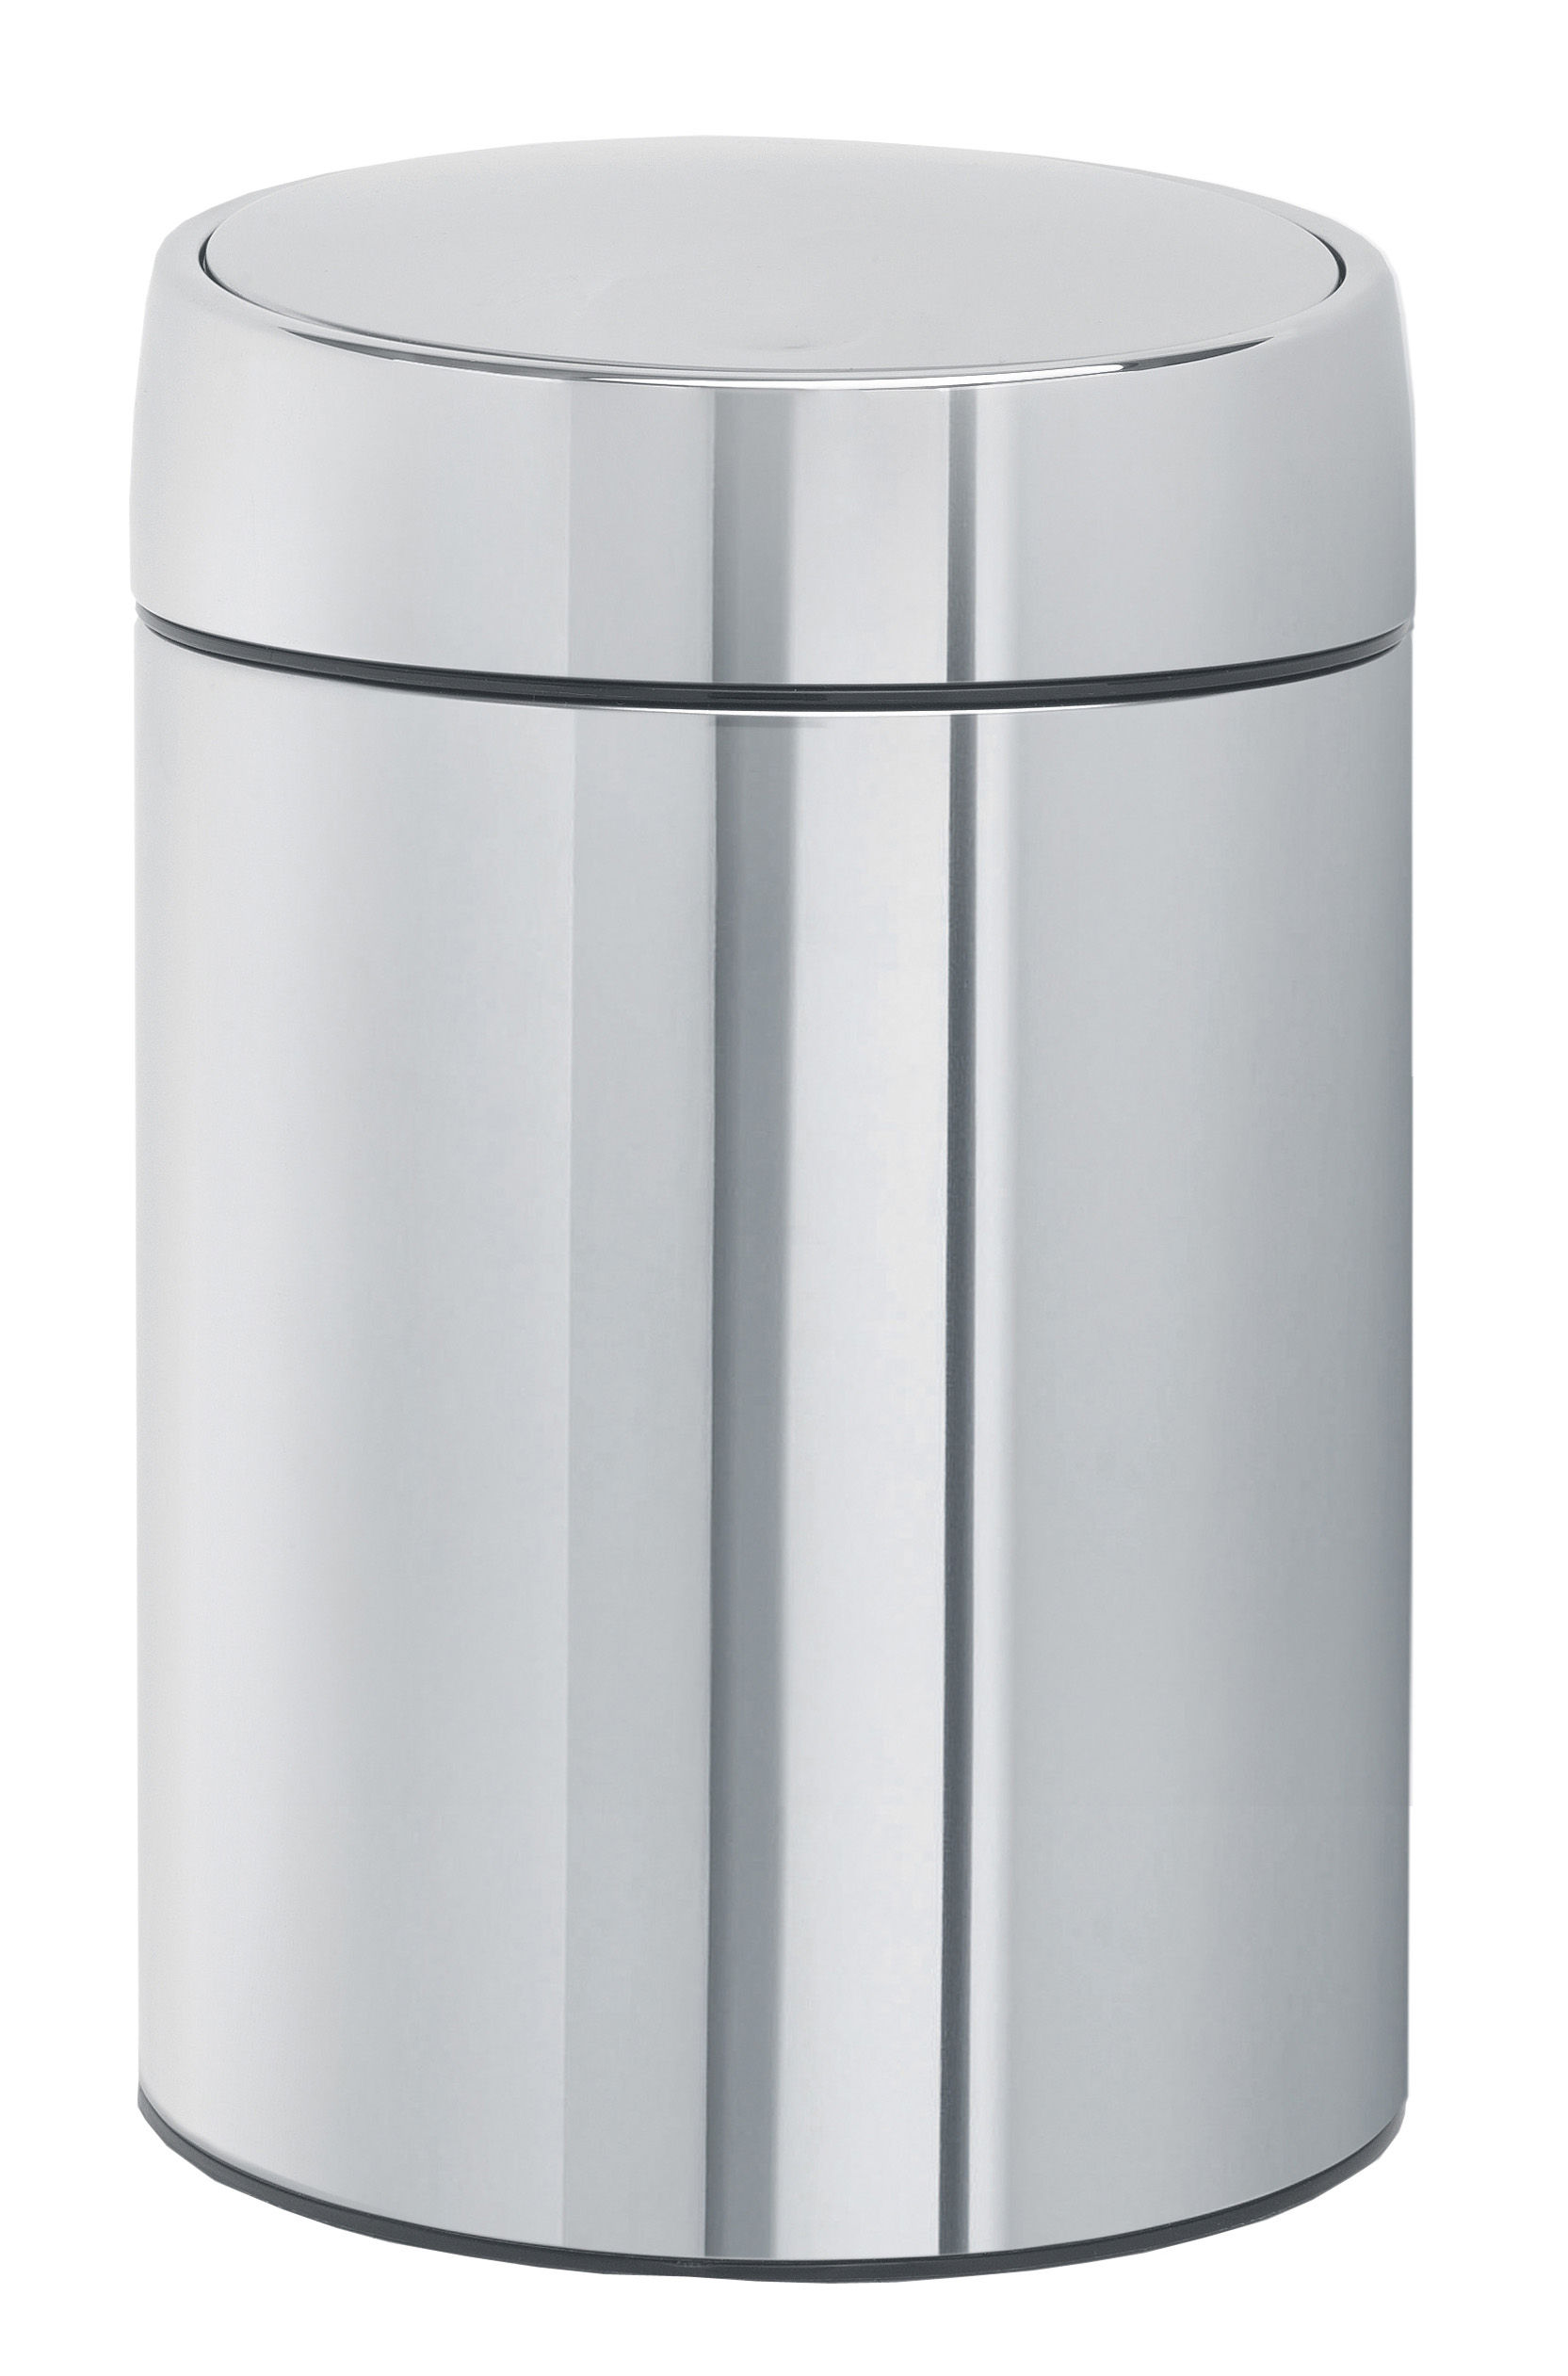 Brabantia Wandafvalemmer Slide bin, 5 liter (VB477560)